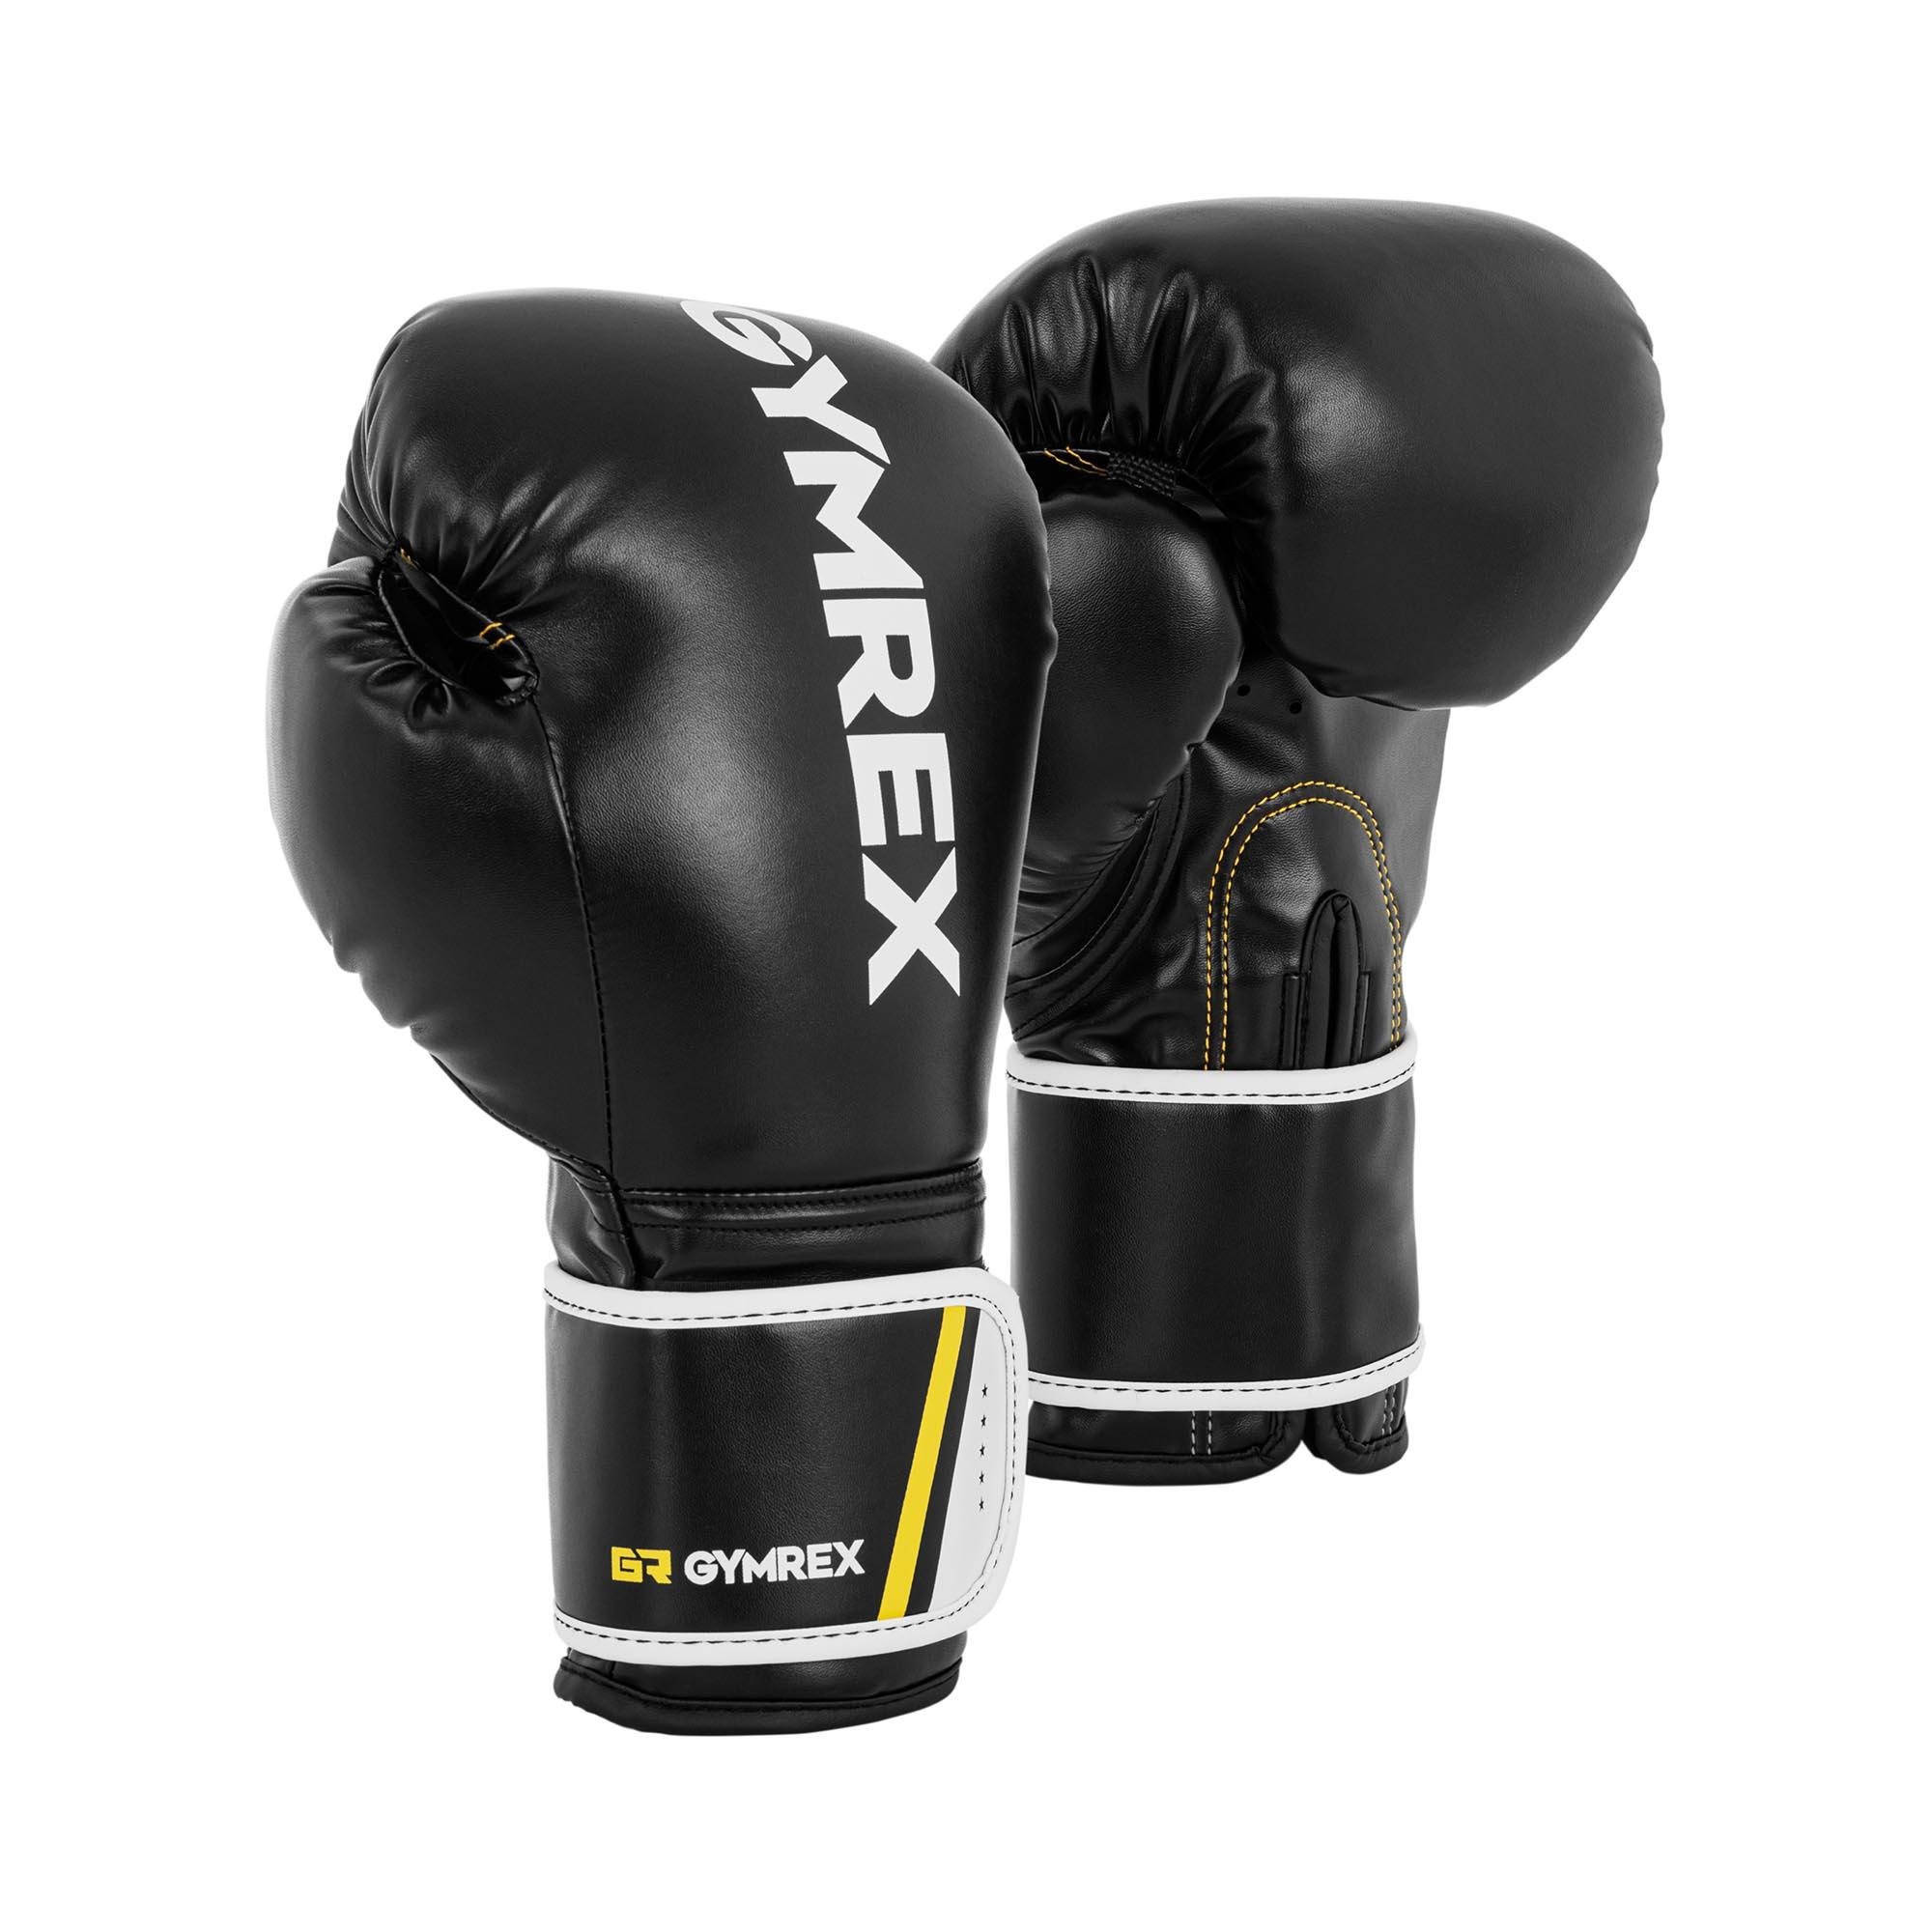 Gymrex Boxhandschuhe - 14 oz - schwarz GR-BG 14BB